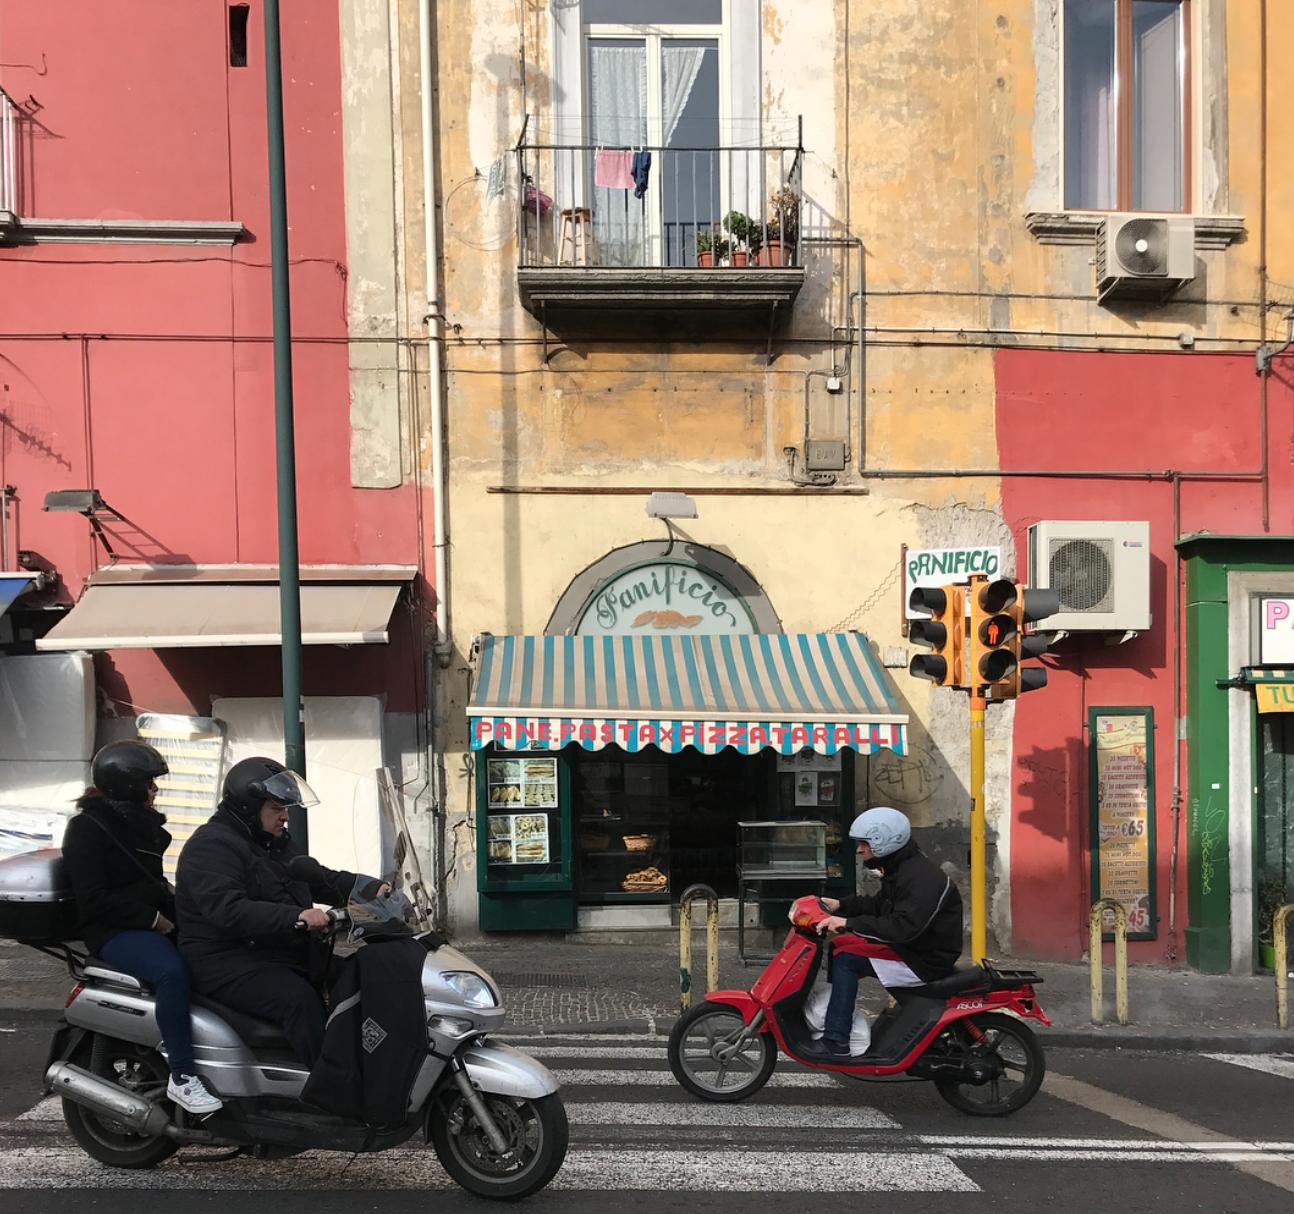 bath-pizza-co-napoli-tour-005.png